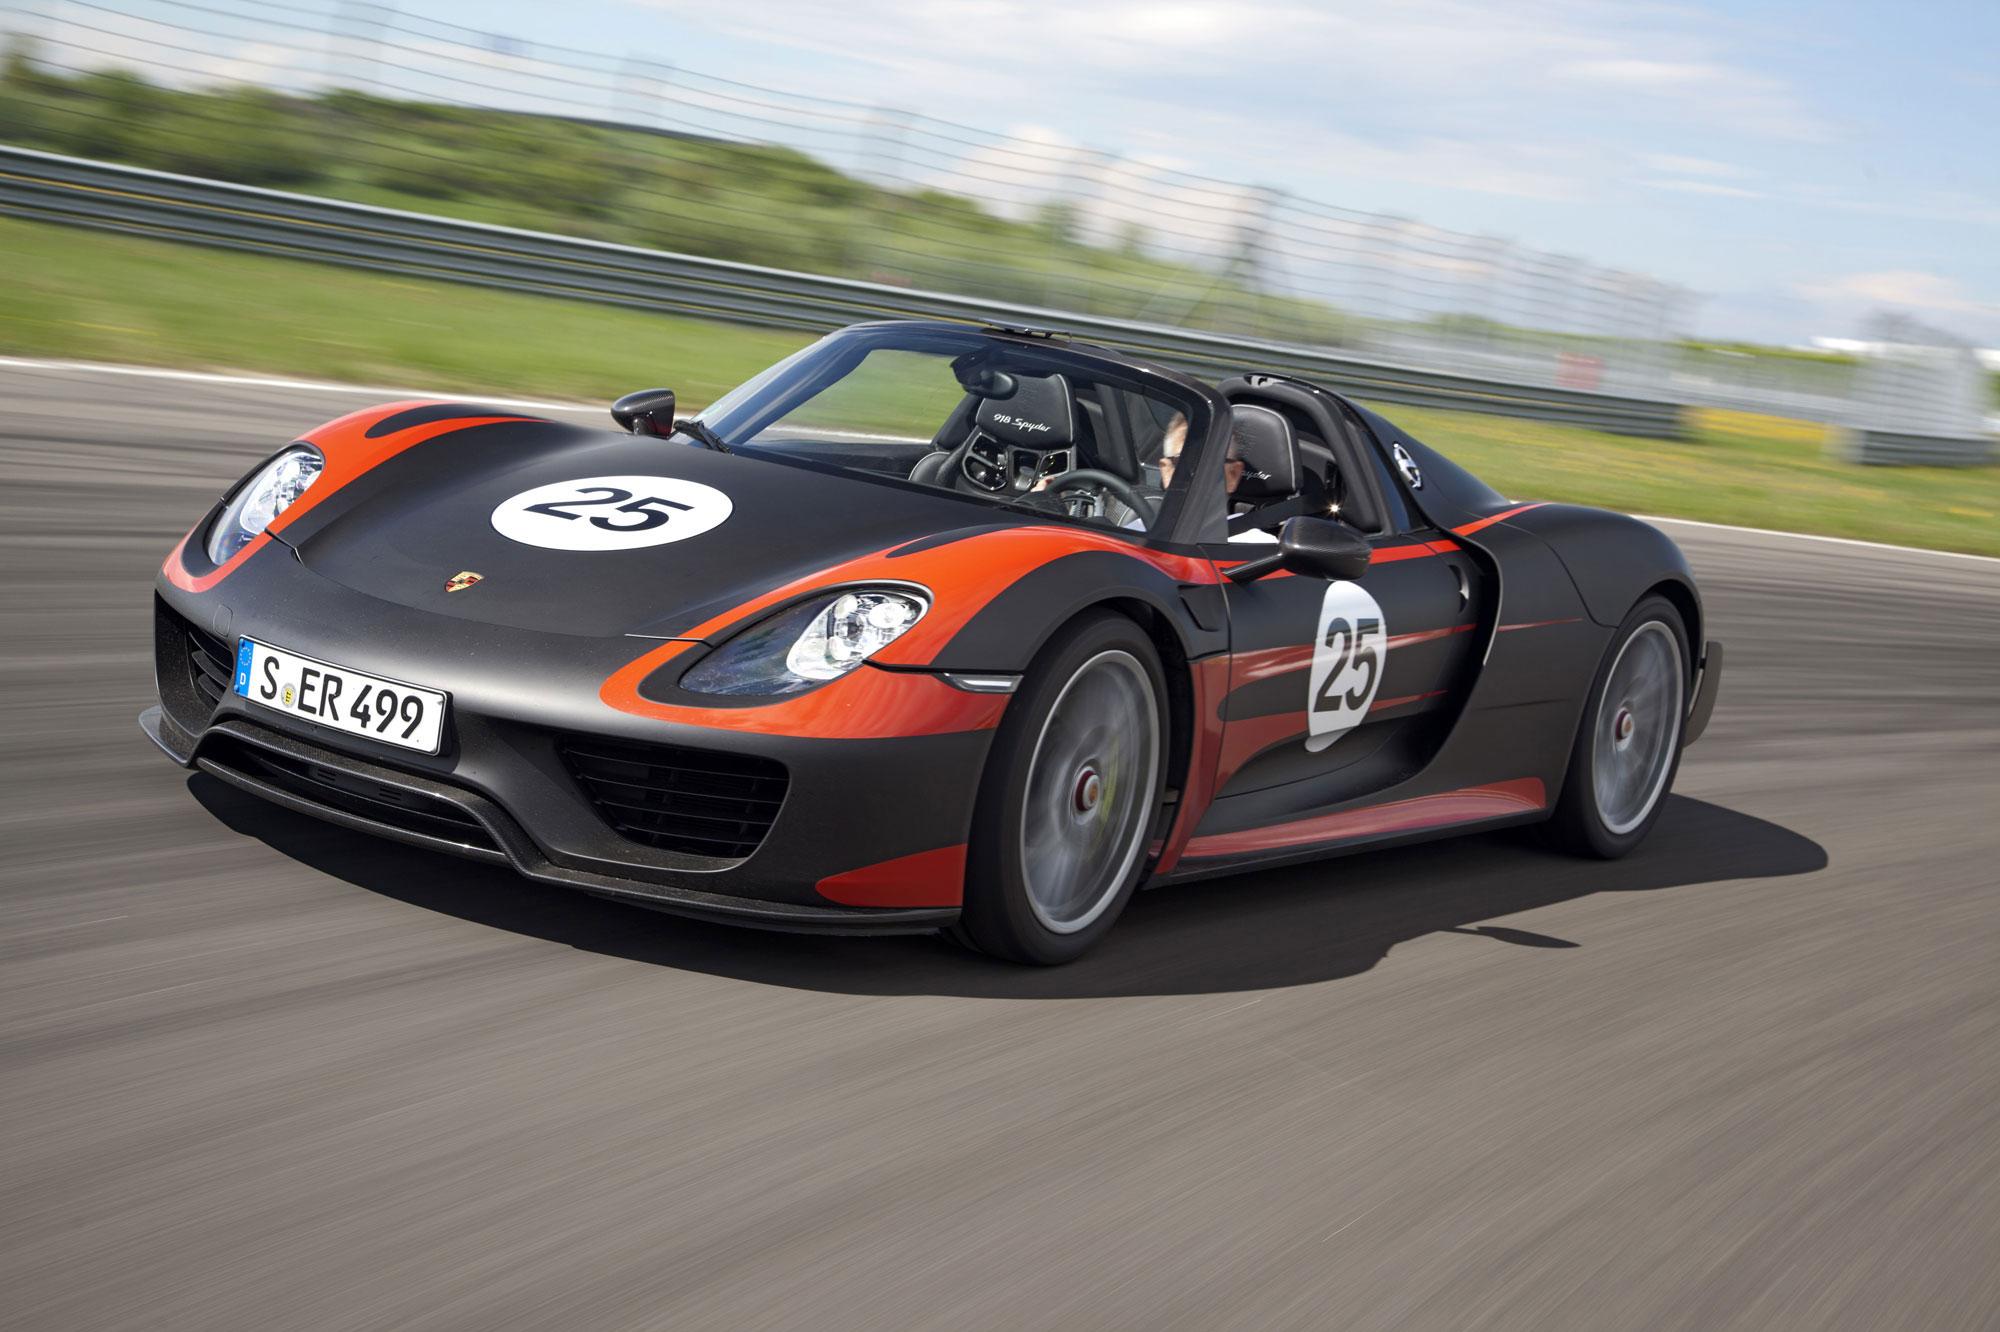 Porsche-918-Spyder Mesmerizing Porsche 918 Spyder London Ontario Cars Trend